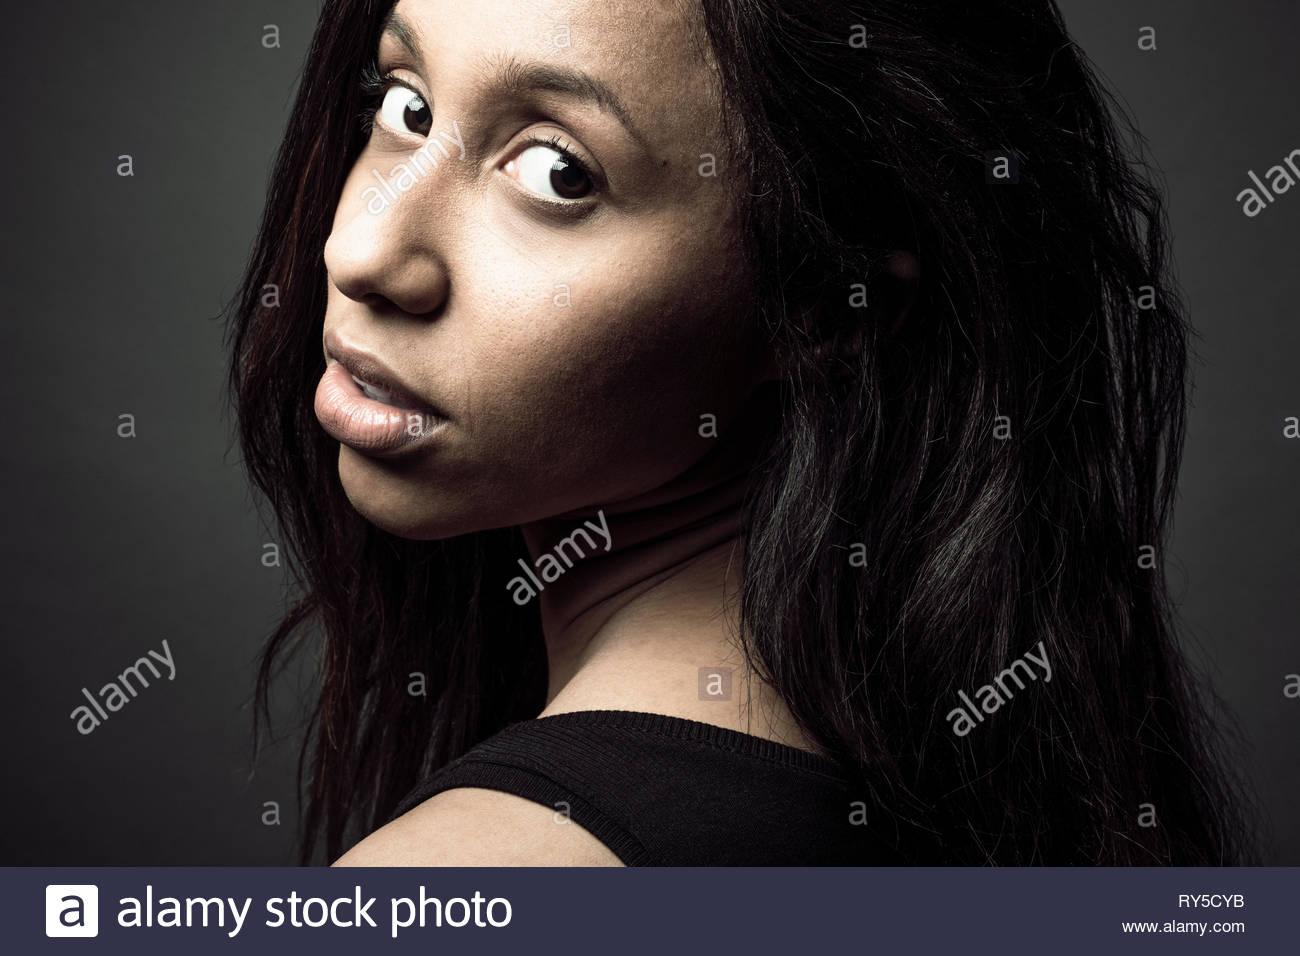 Portrait confiant belle femme jamaïcaine avec de longs cheveux noirs et les yeux bruns Photo Stock